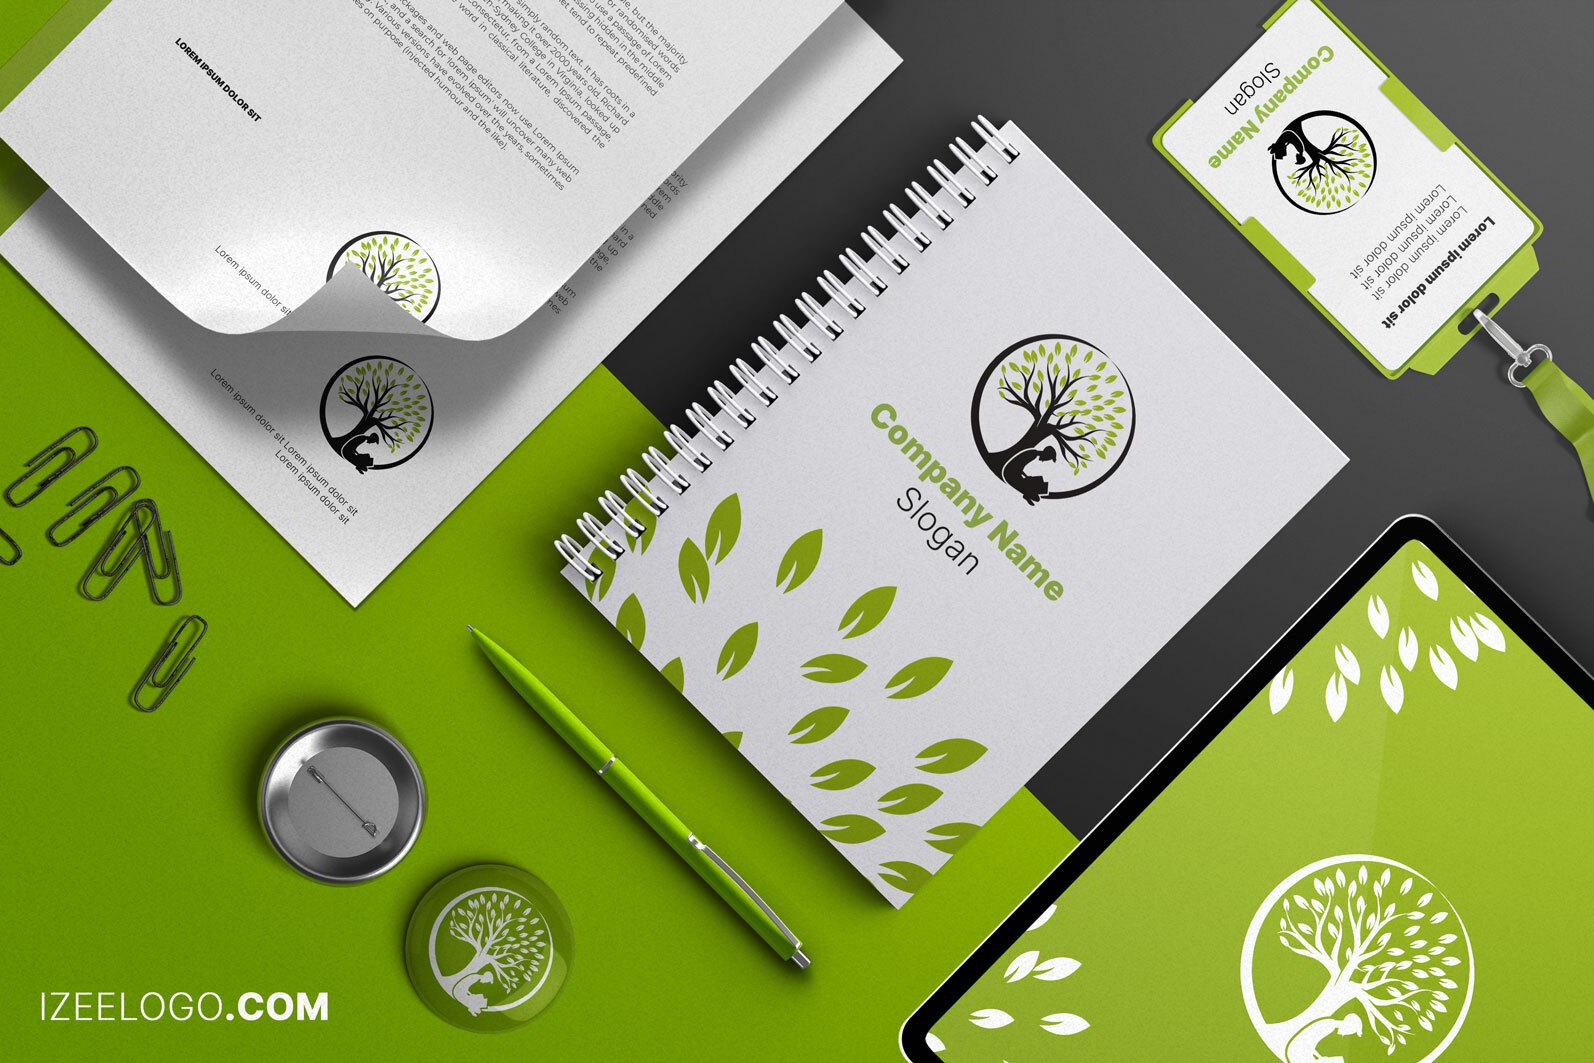 He aquí una maqueta para logos de escuelas para tarjeta de presentación.